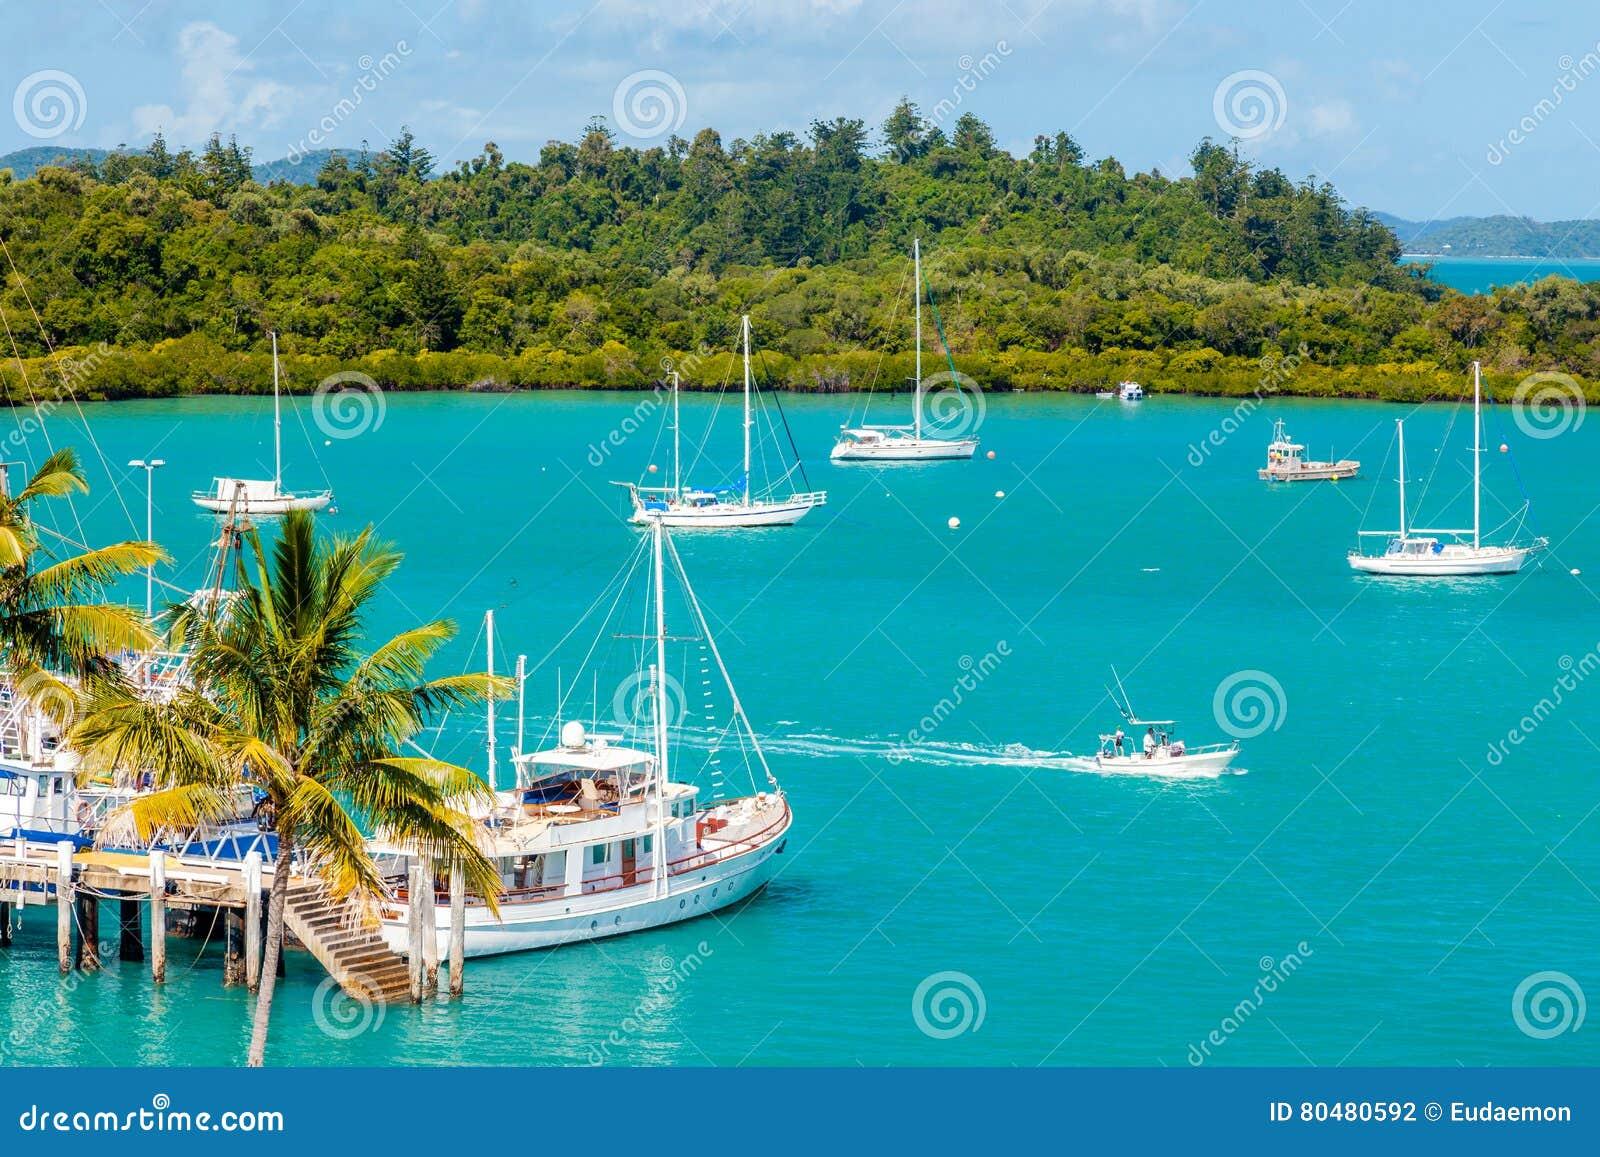 游艇和小船在热带小游艇船坞